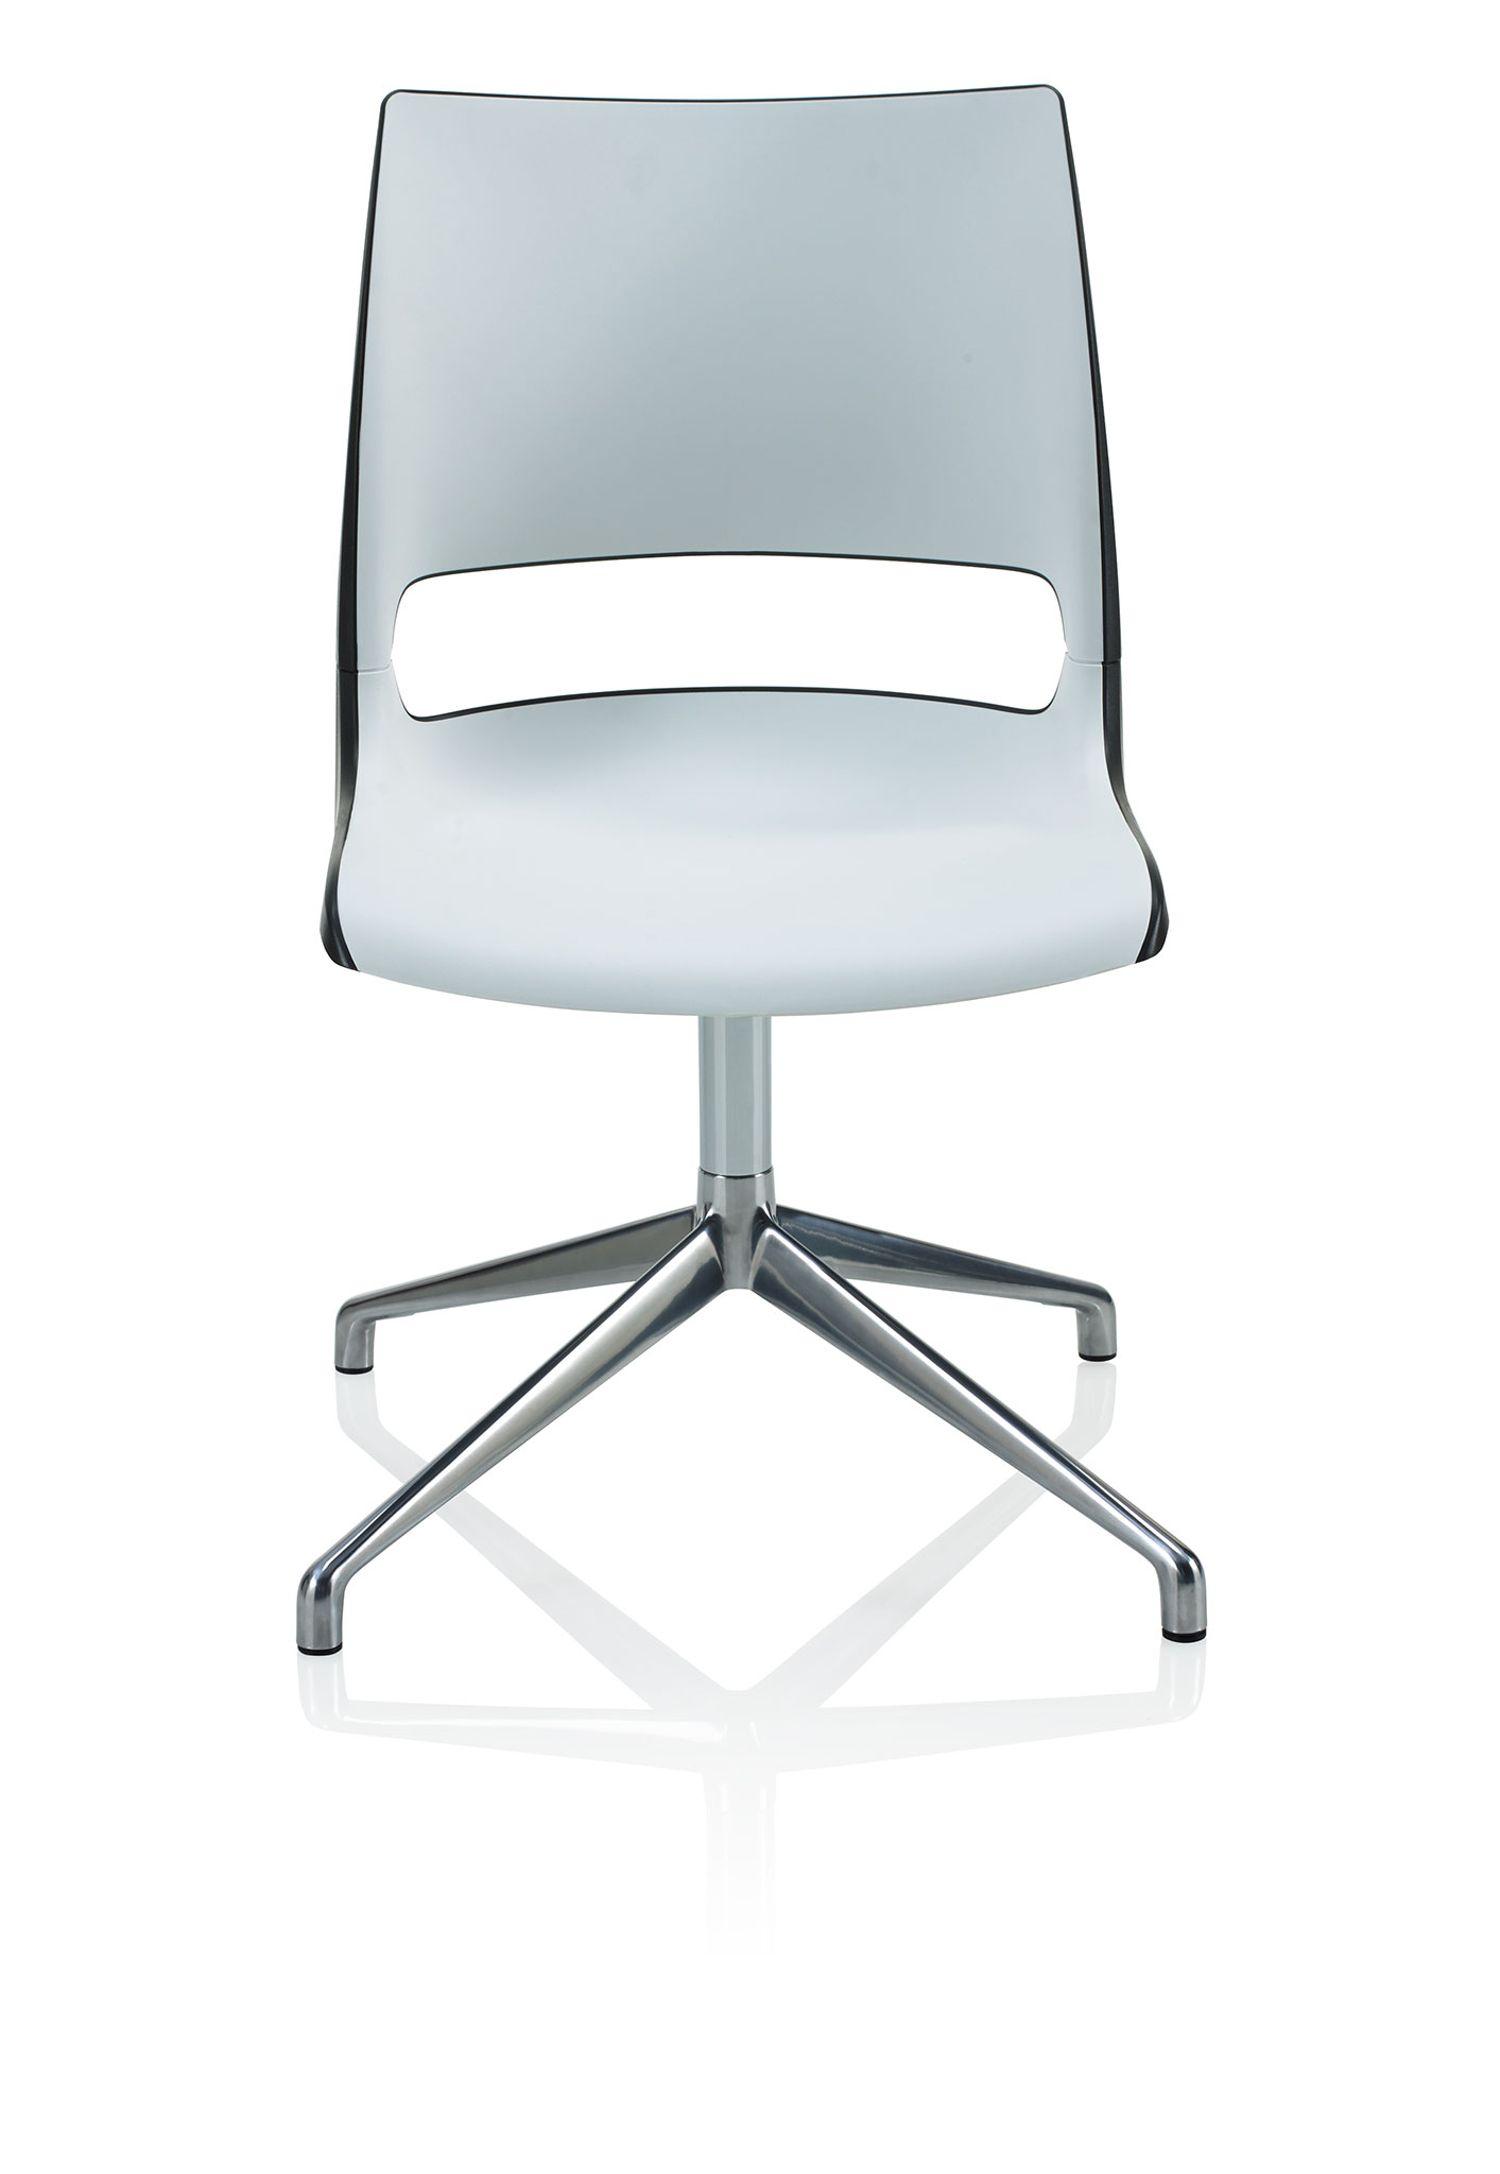 ki doni swivel base guest chair